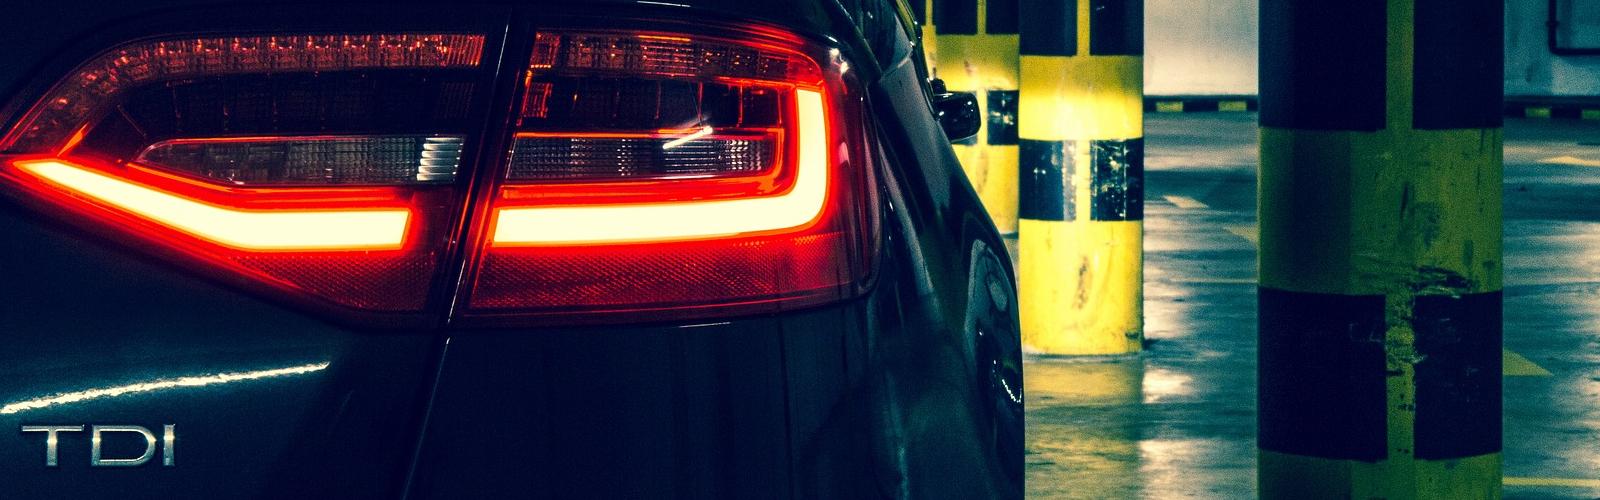 Audi ruft 64.000 Euro-6-Diesel zurück